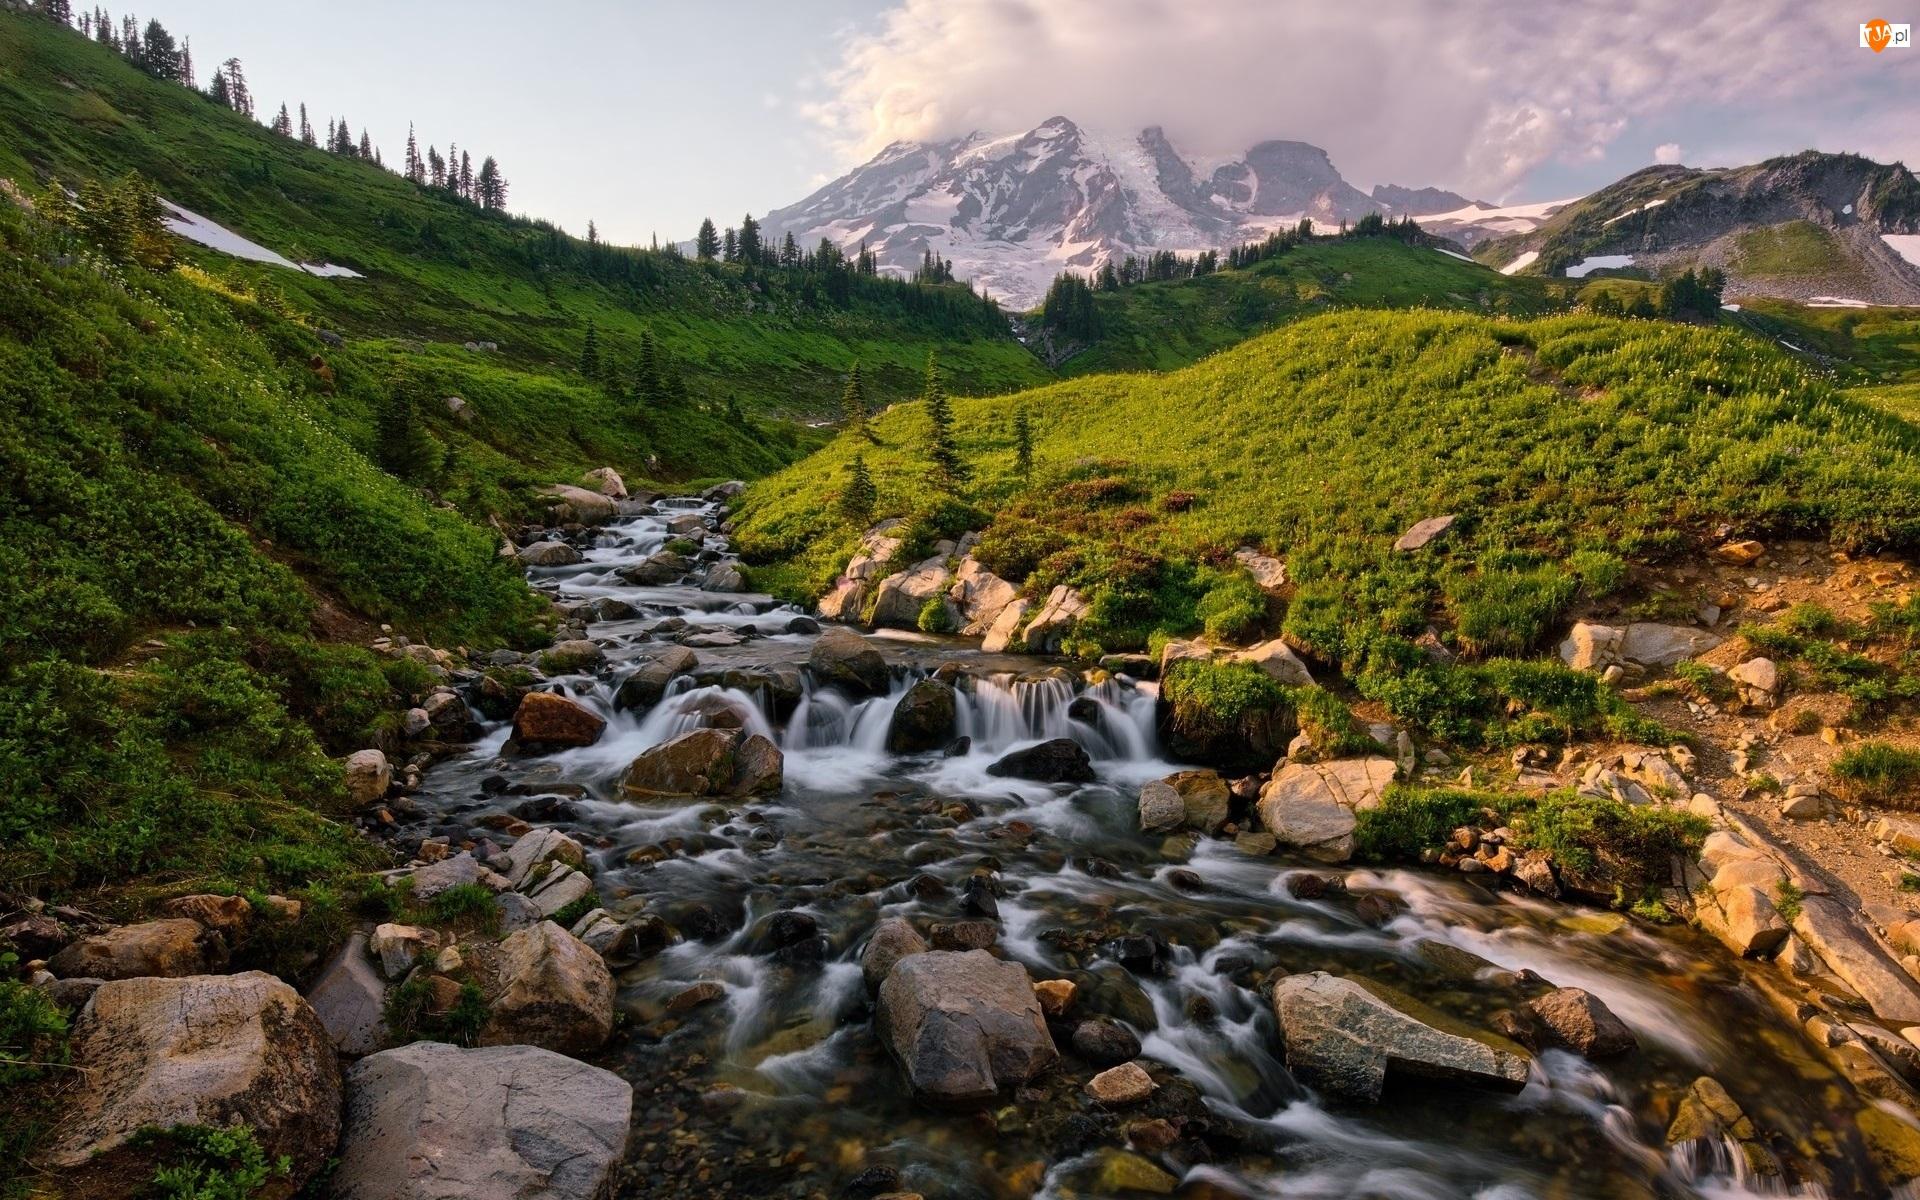 Rzeka, Kamienie, Stany Zjednoczone, Park Narodowy Mount Rainier, Stan Waszyngton, Szczyt Mount Rainier, Góry